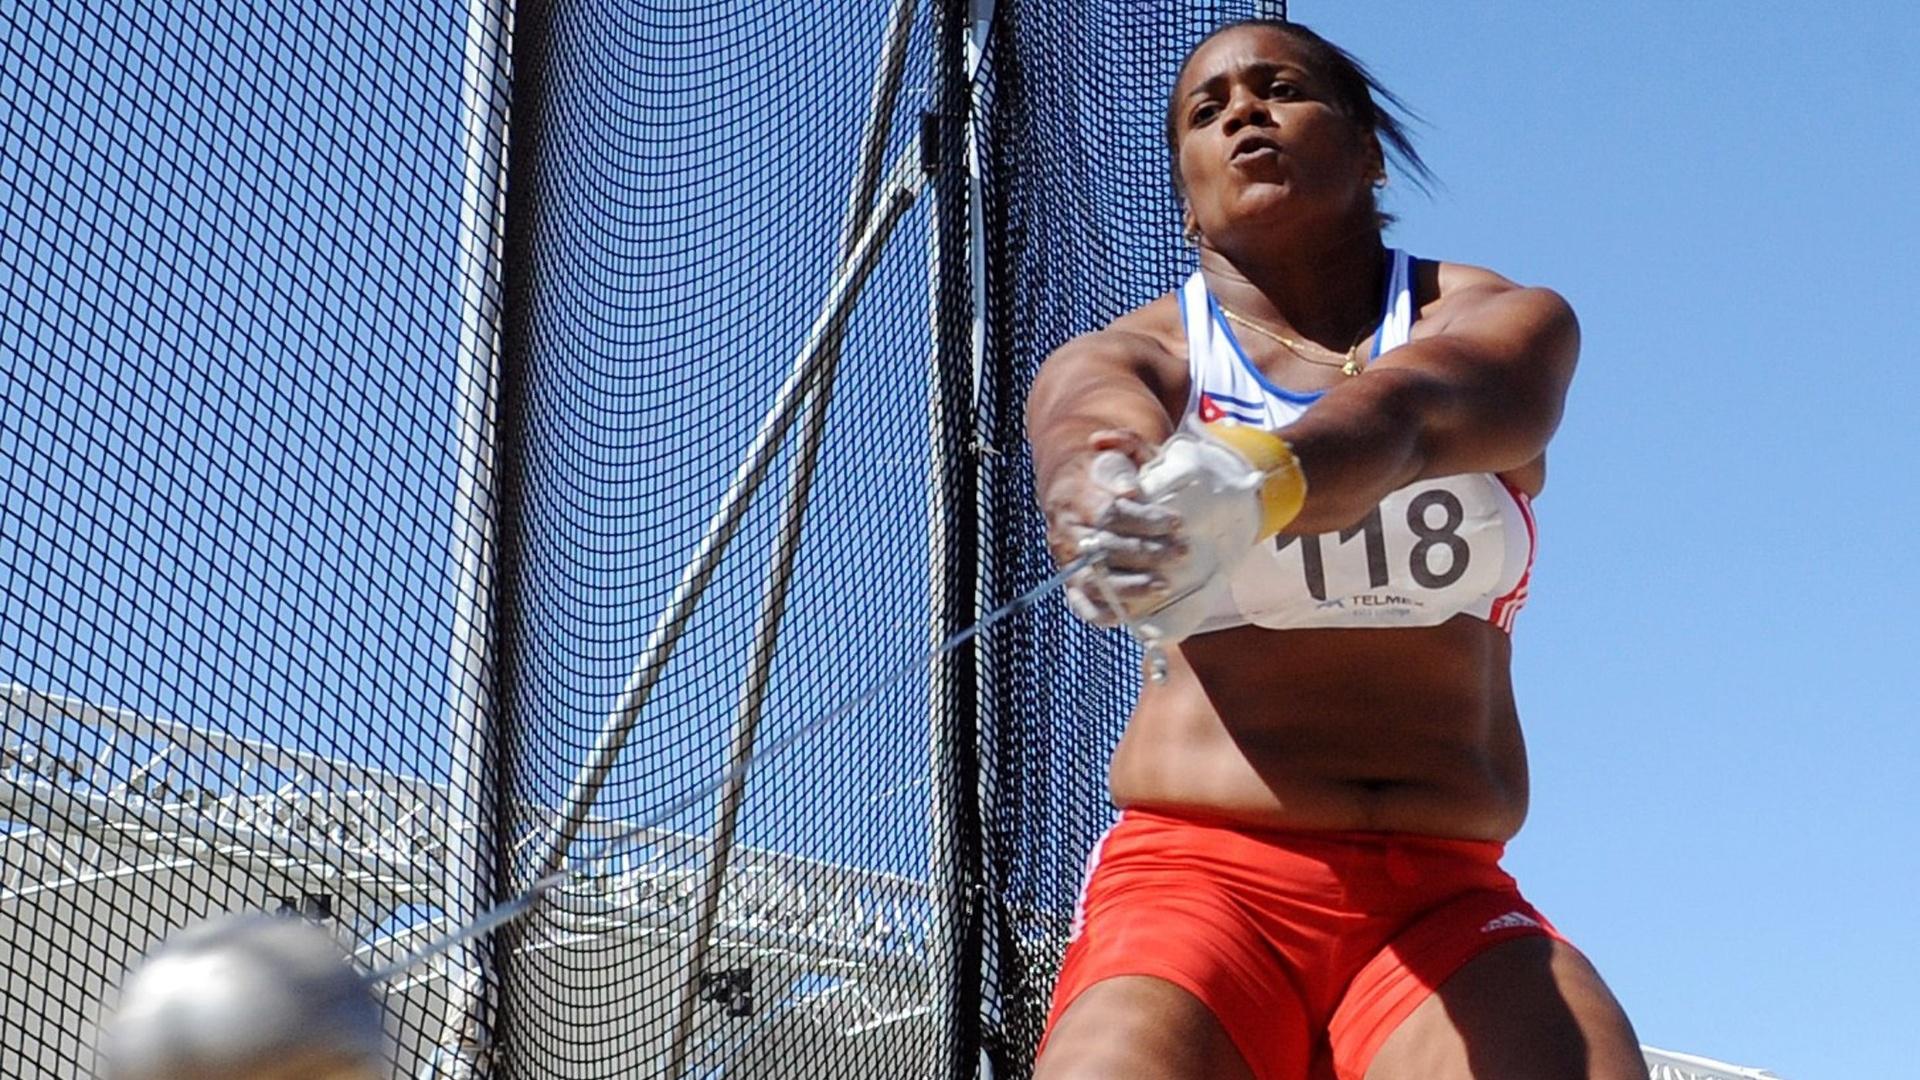 A cubana Yipsi Moreno venceu o arremesso de martelo e quebrou o recorde panamericano em Guadalajara